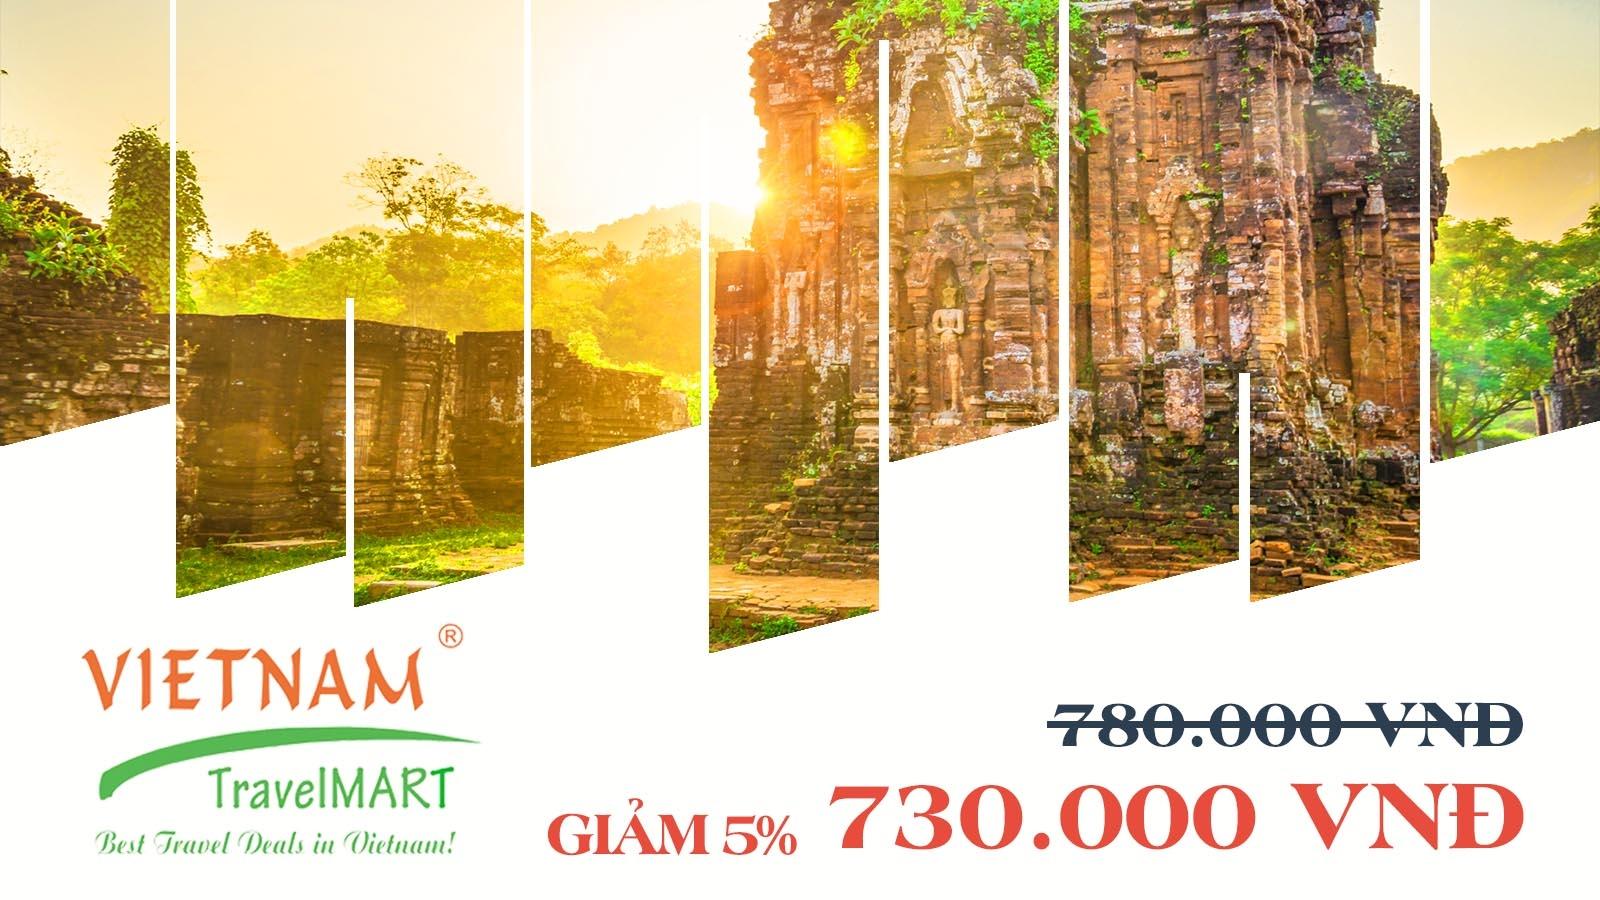 VIETNAM TRAVELMART | GIẢM 5% TOUR THÁNH ĐỊA MỸ SƠN - PHỐ CỔ HỘI AN